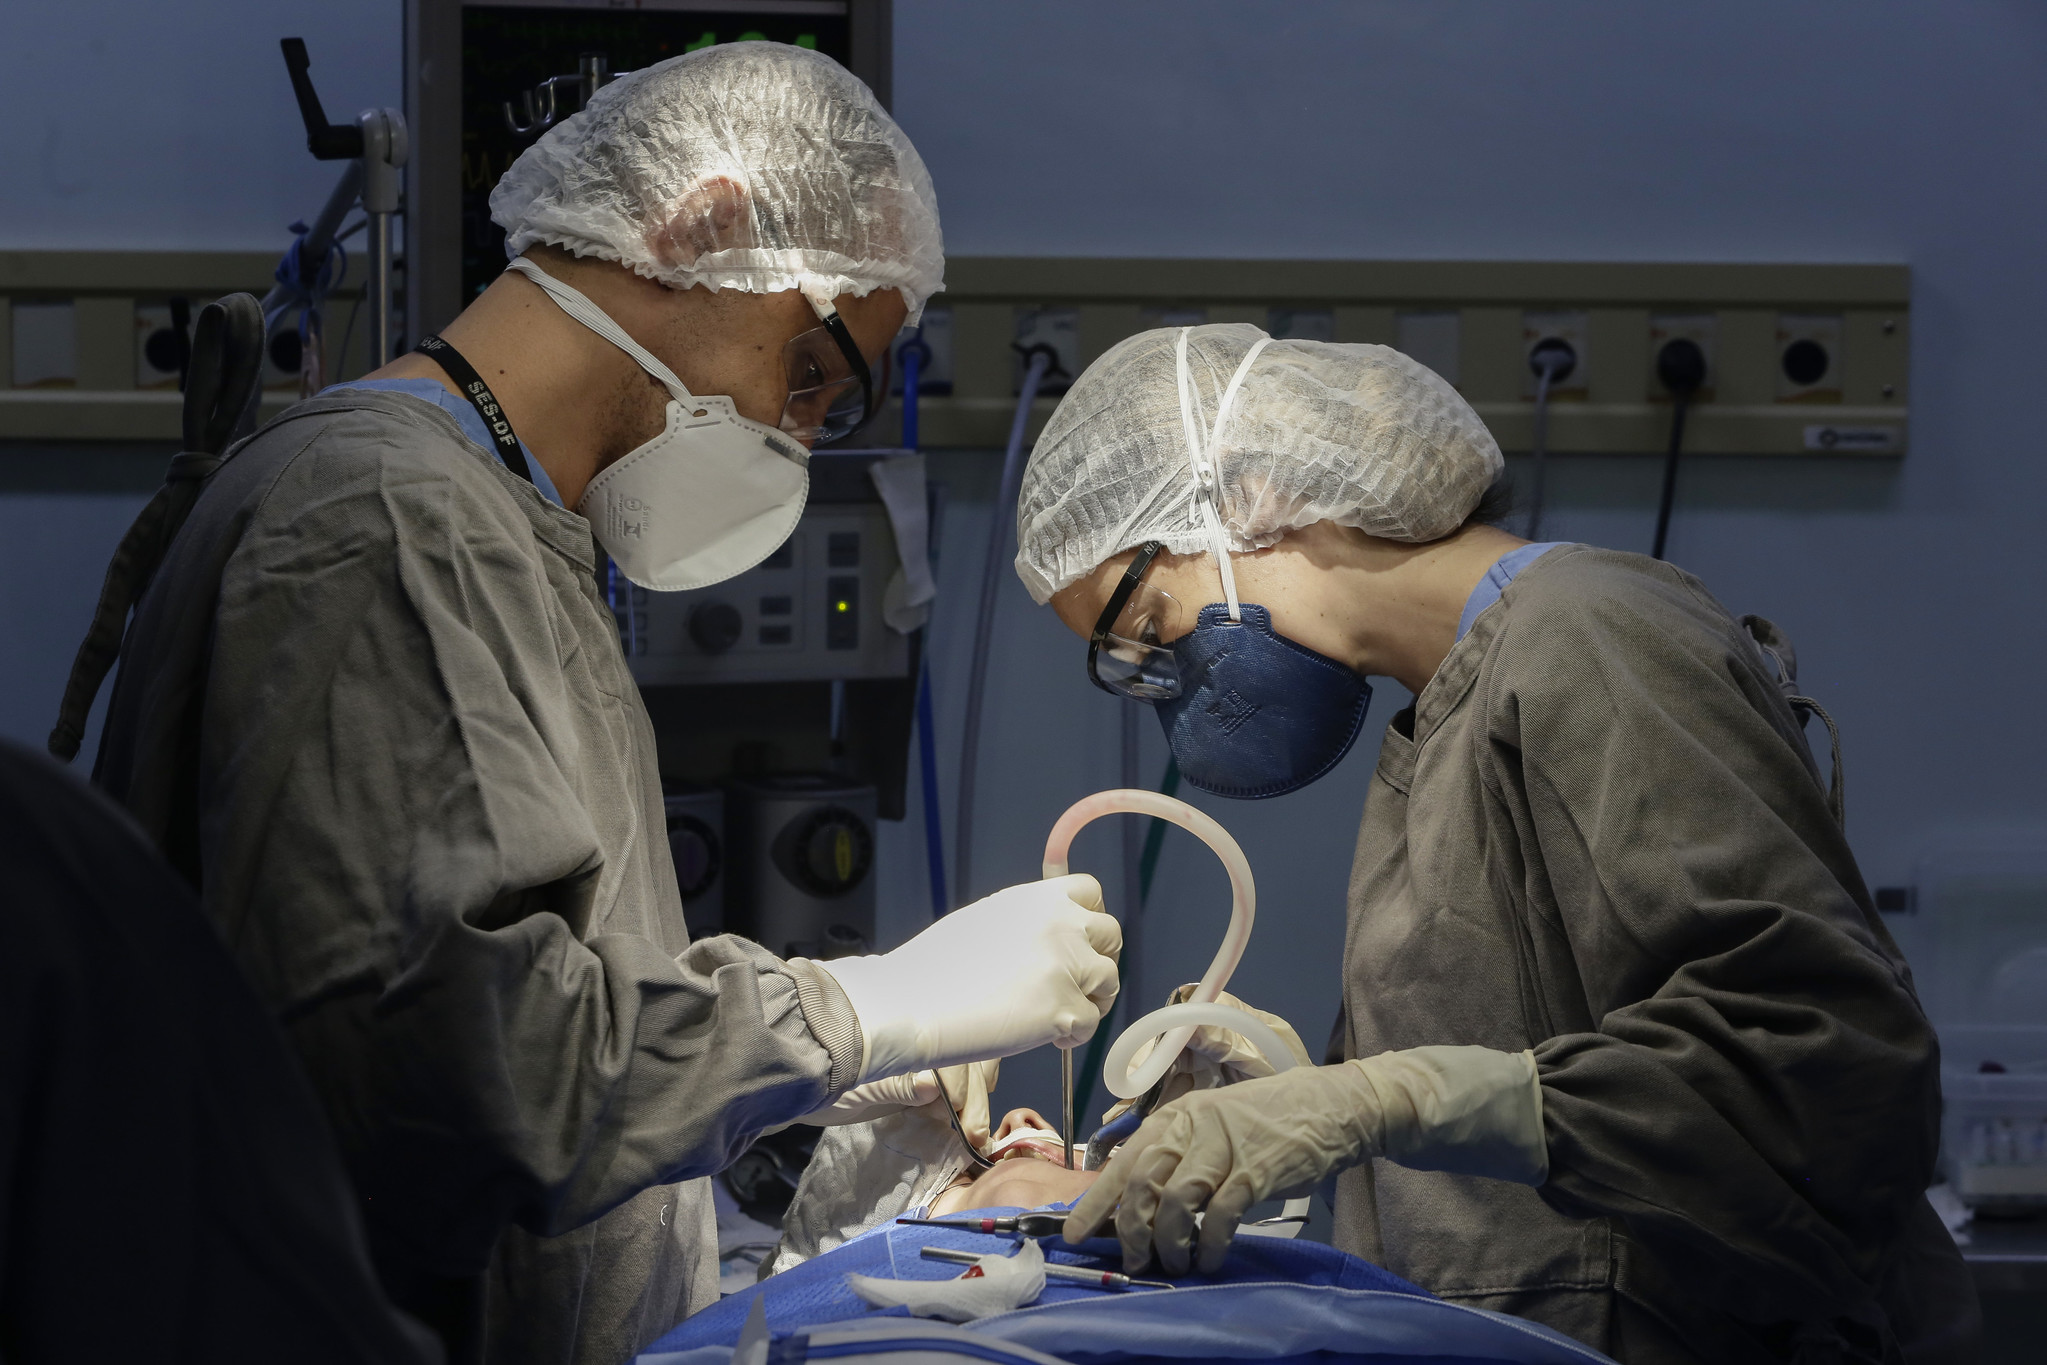 Apesar da crise sanitária do coronavírus, atenção odontológica não pode parar